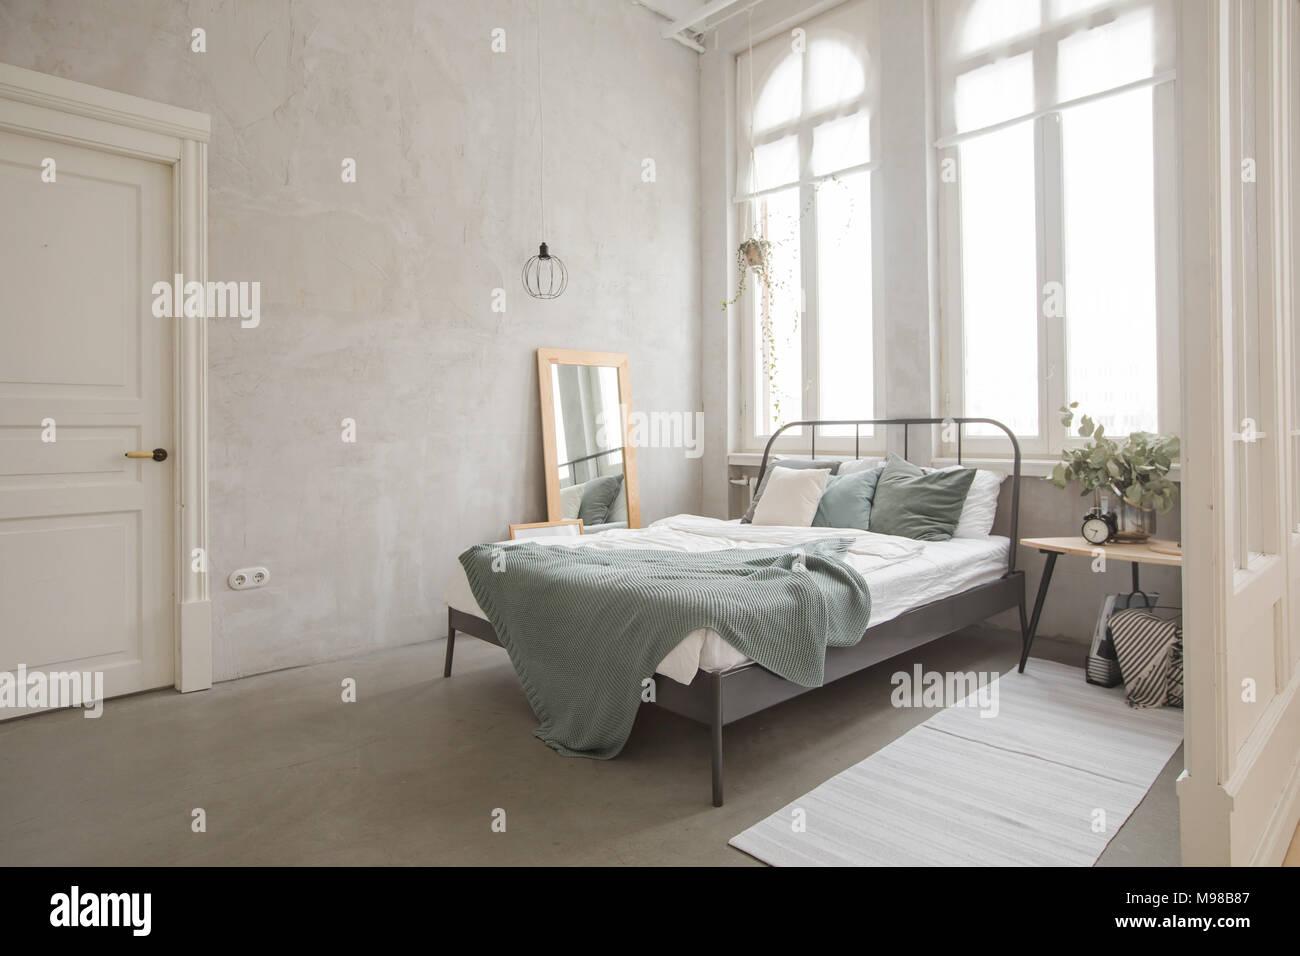 Camera Da Letto Bianco E Grigio : Interno di colore bianco e grigio accogliente camera da letto foto